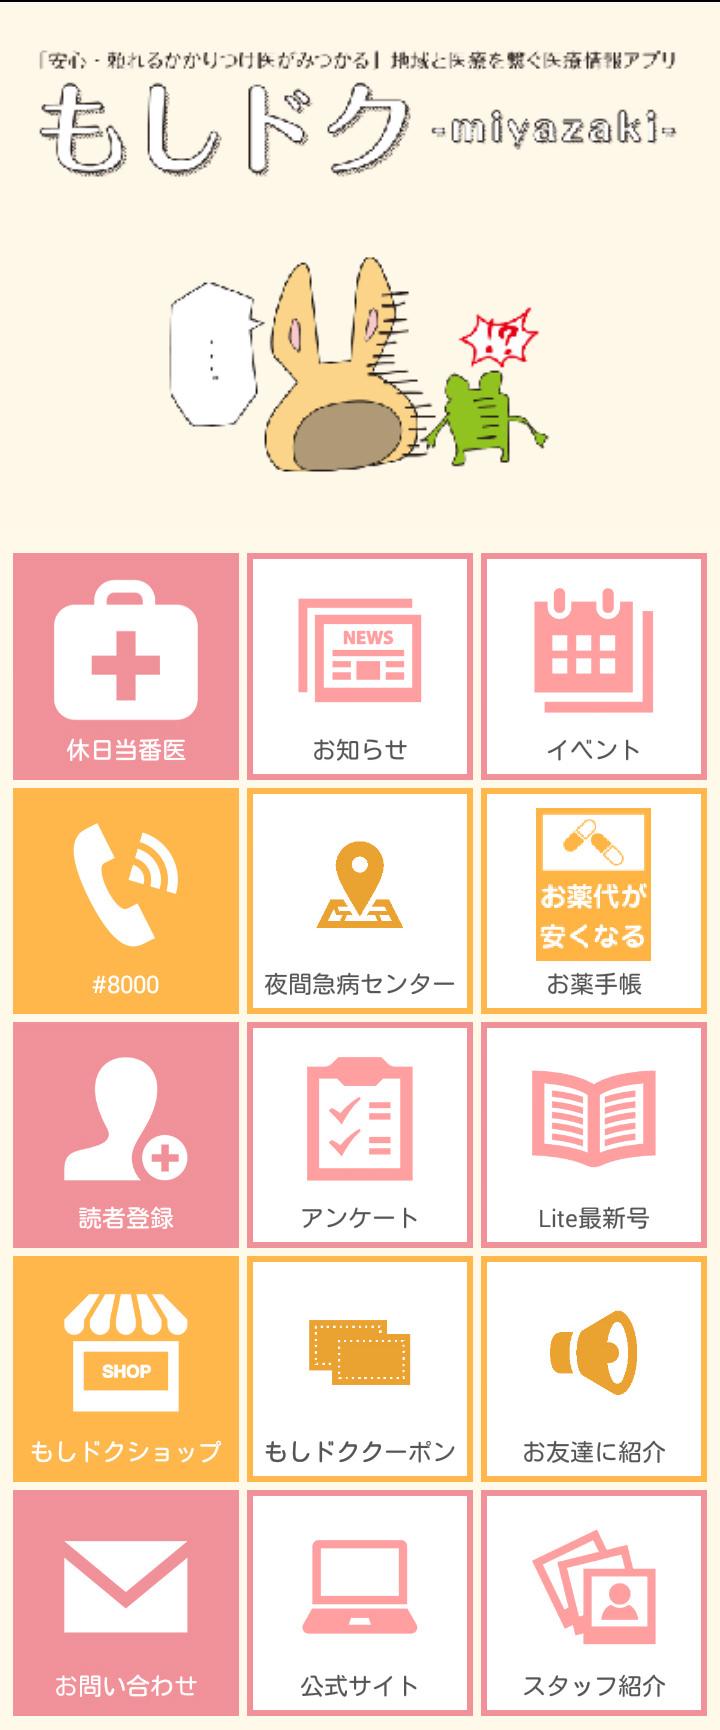 apliscreen_mini